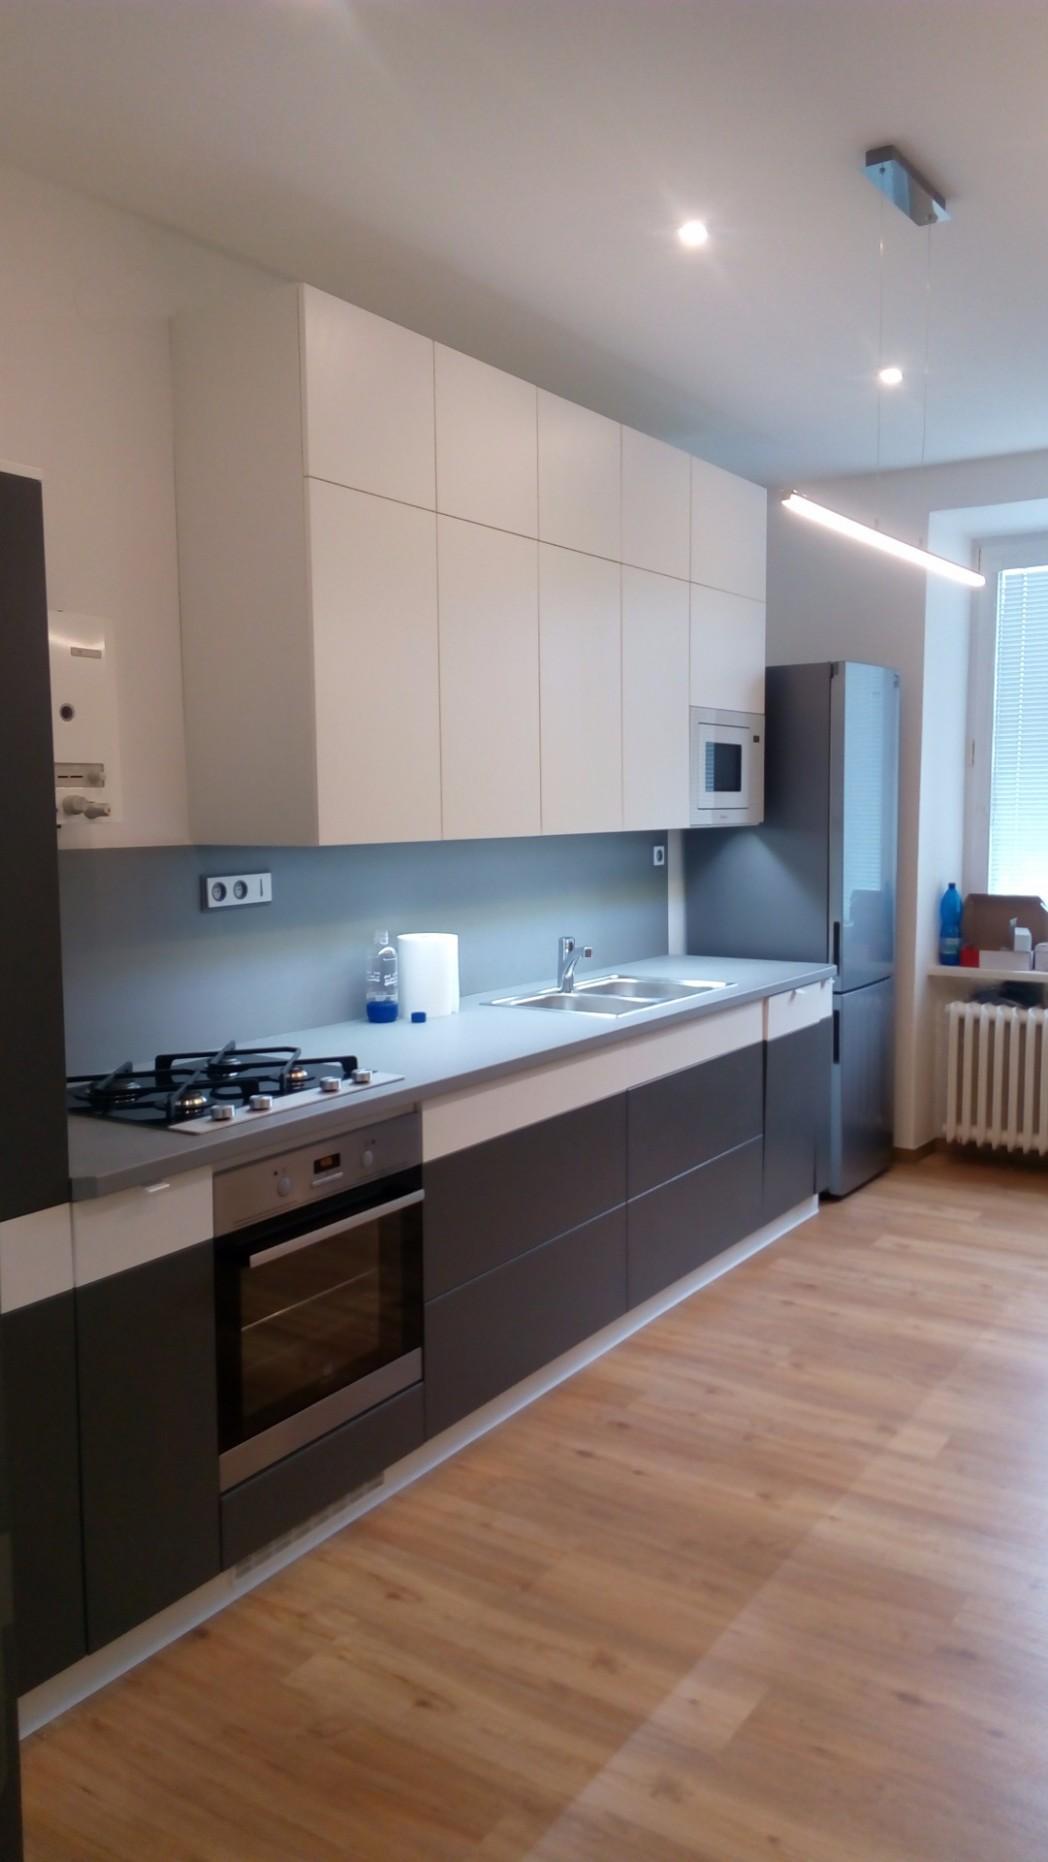 kuchyně Brno, vestavné spotřebiče